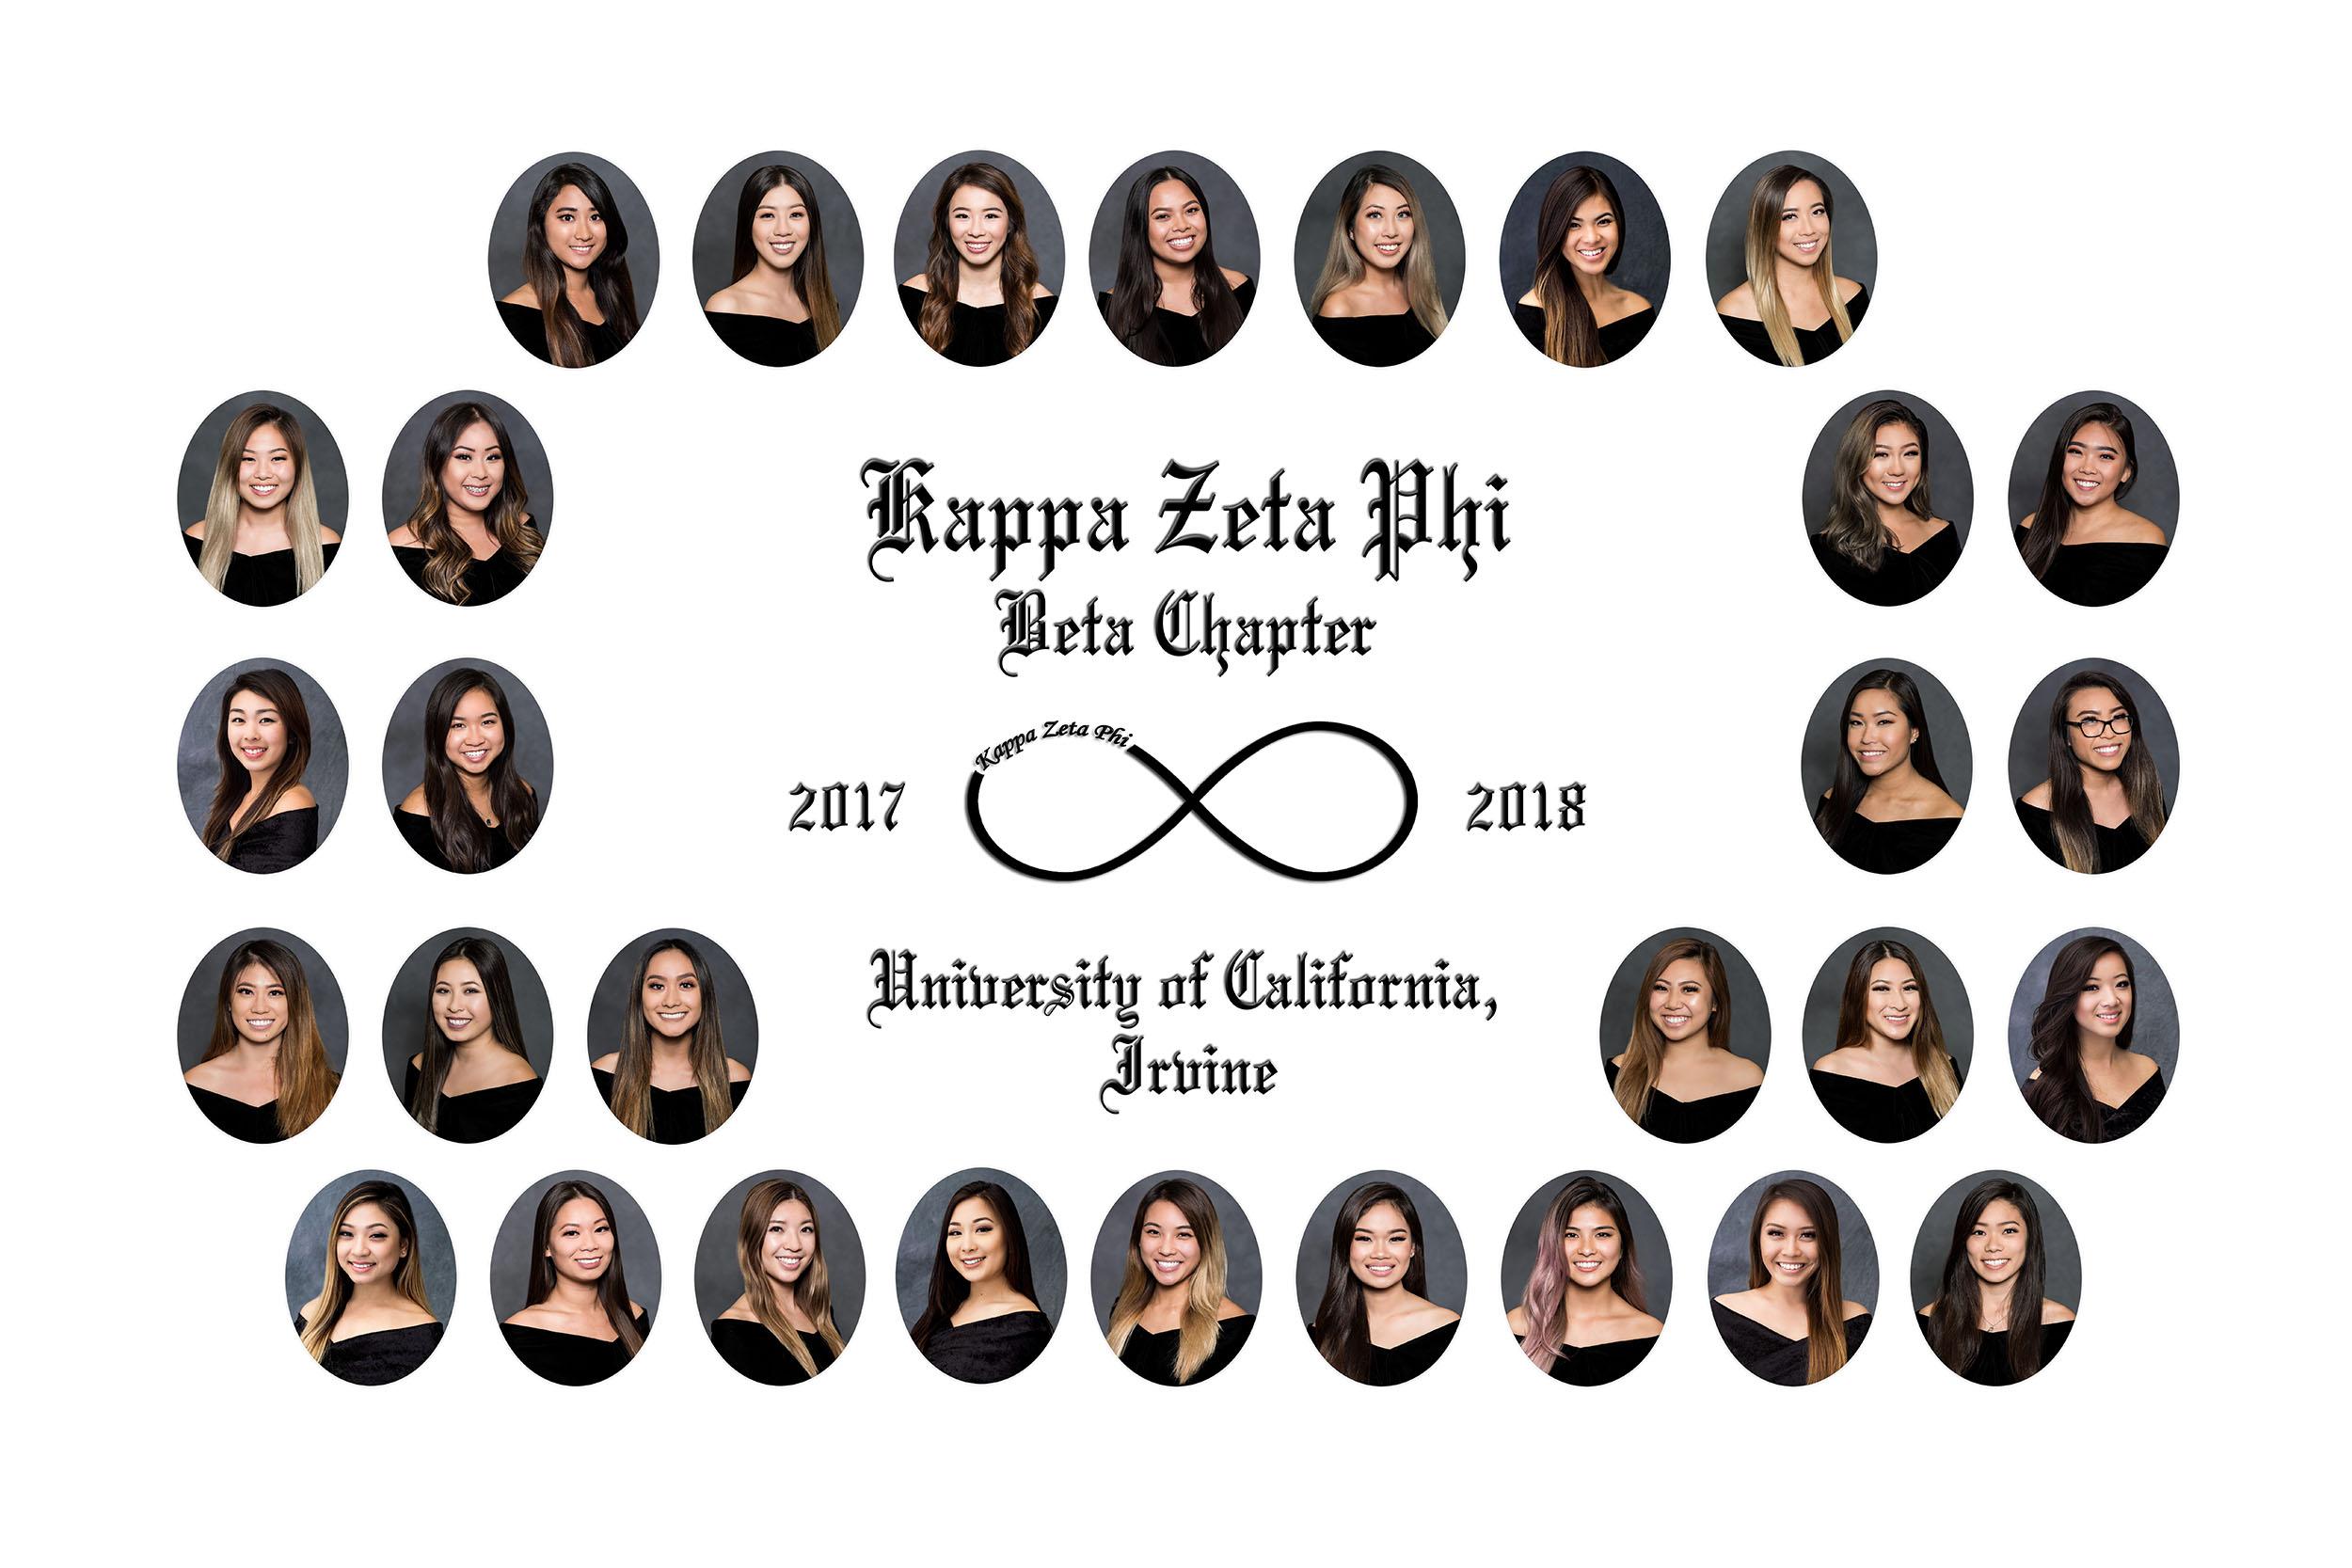 UCI-Kappa-Zeta-Phi-Sorority-Composite-2017-2018.jpg